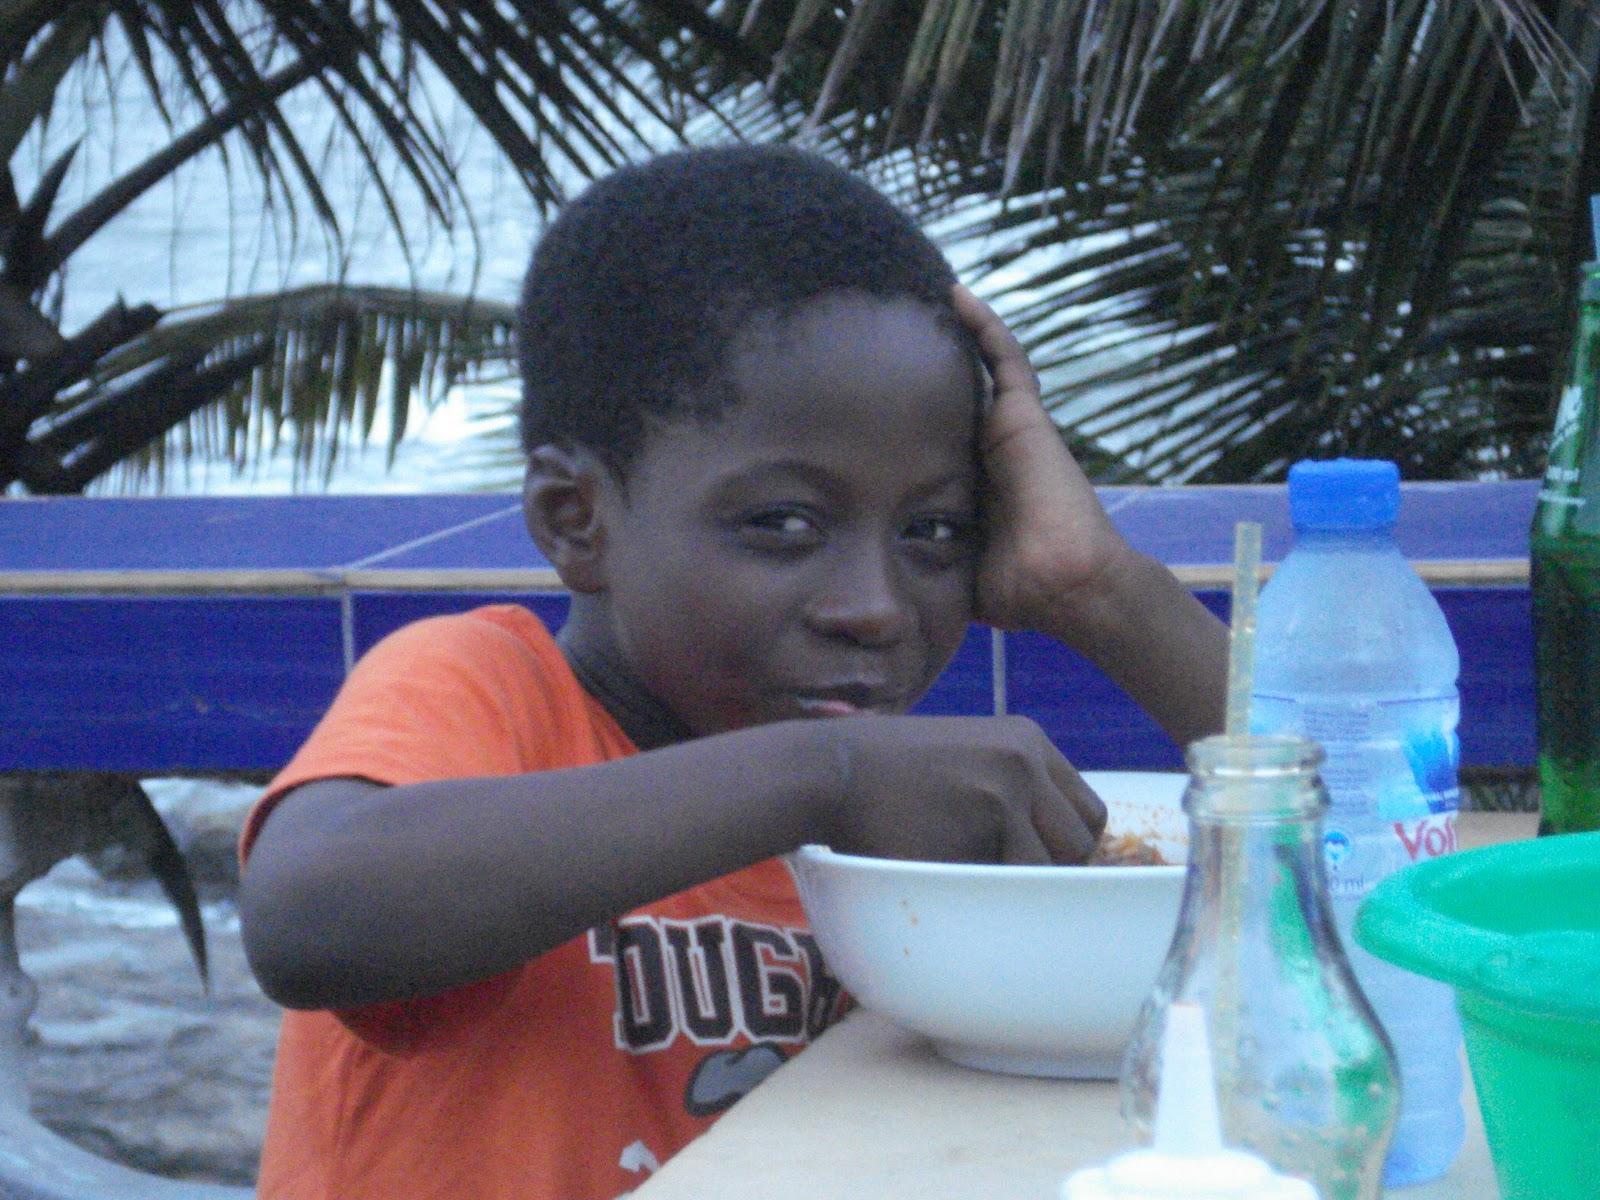 http://2.bp.blogspot.com/_j56E0mp40K8/TNwDH4UFKKI/AAAAAAAAAEQ/Wccq-8xh8vM/s1600/Ghana+Trip+1+225.jpg